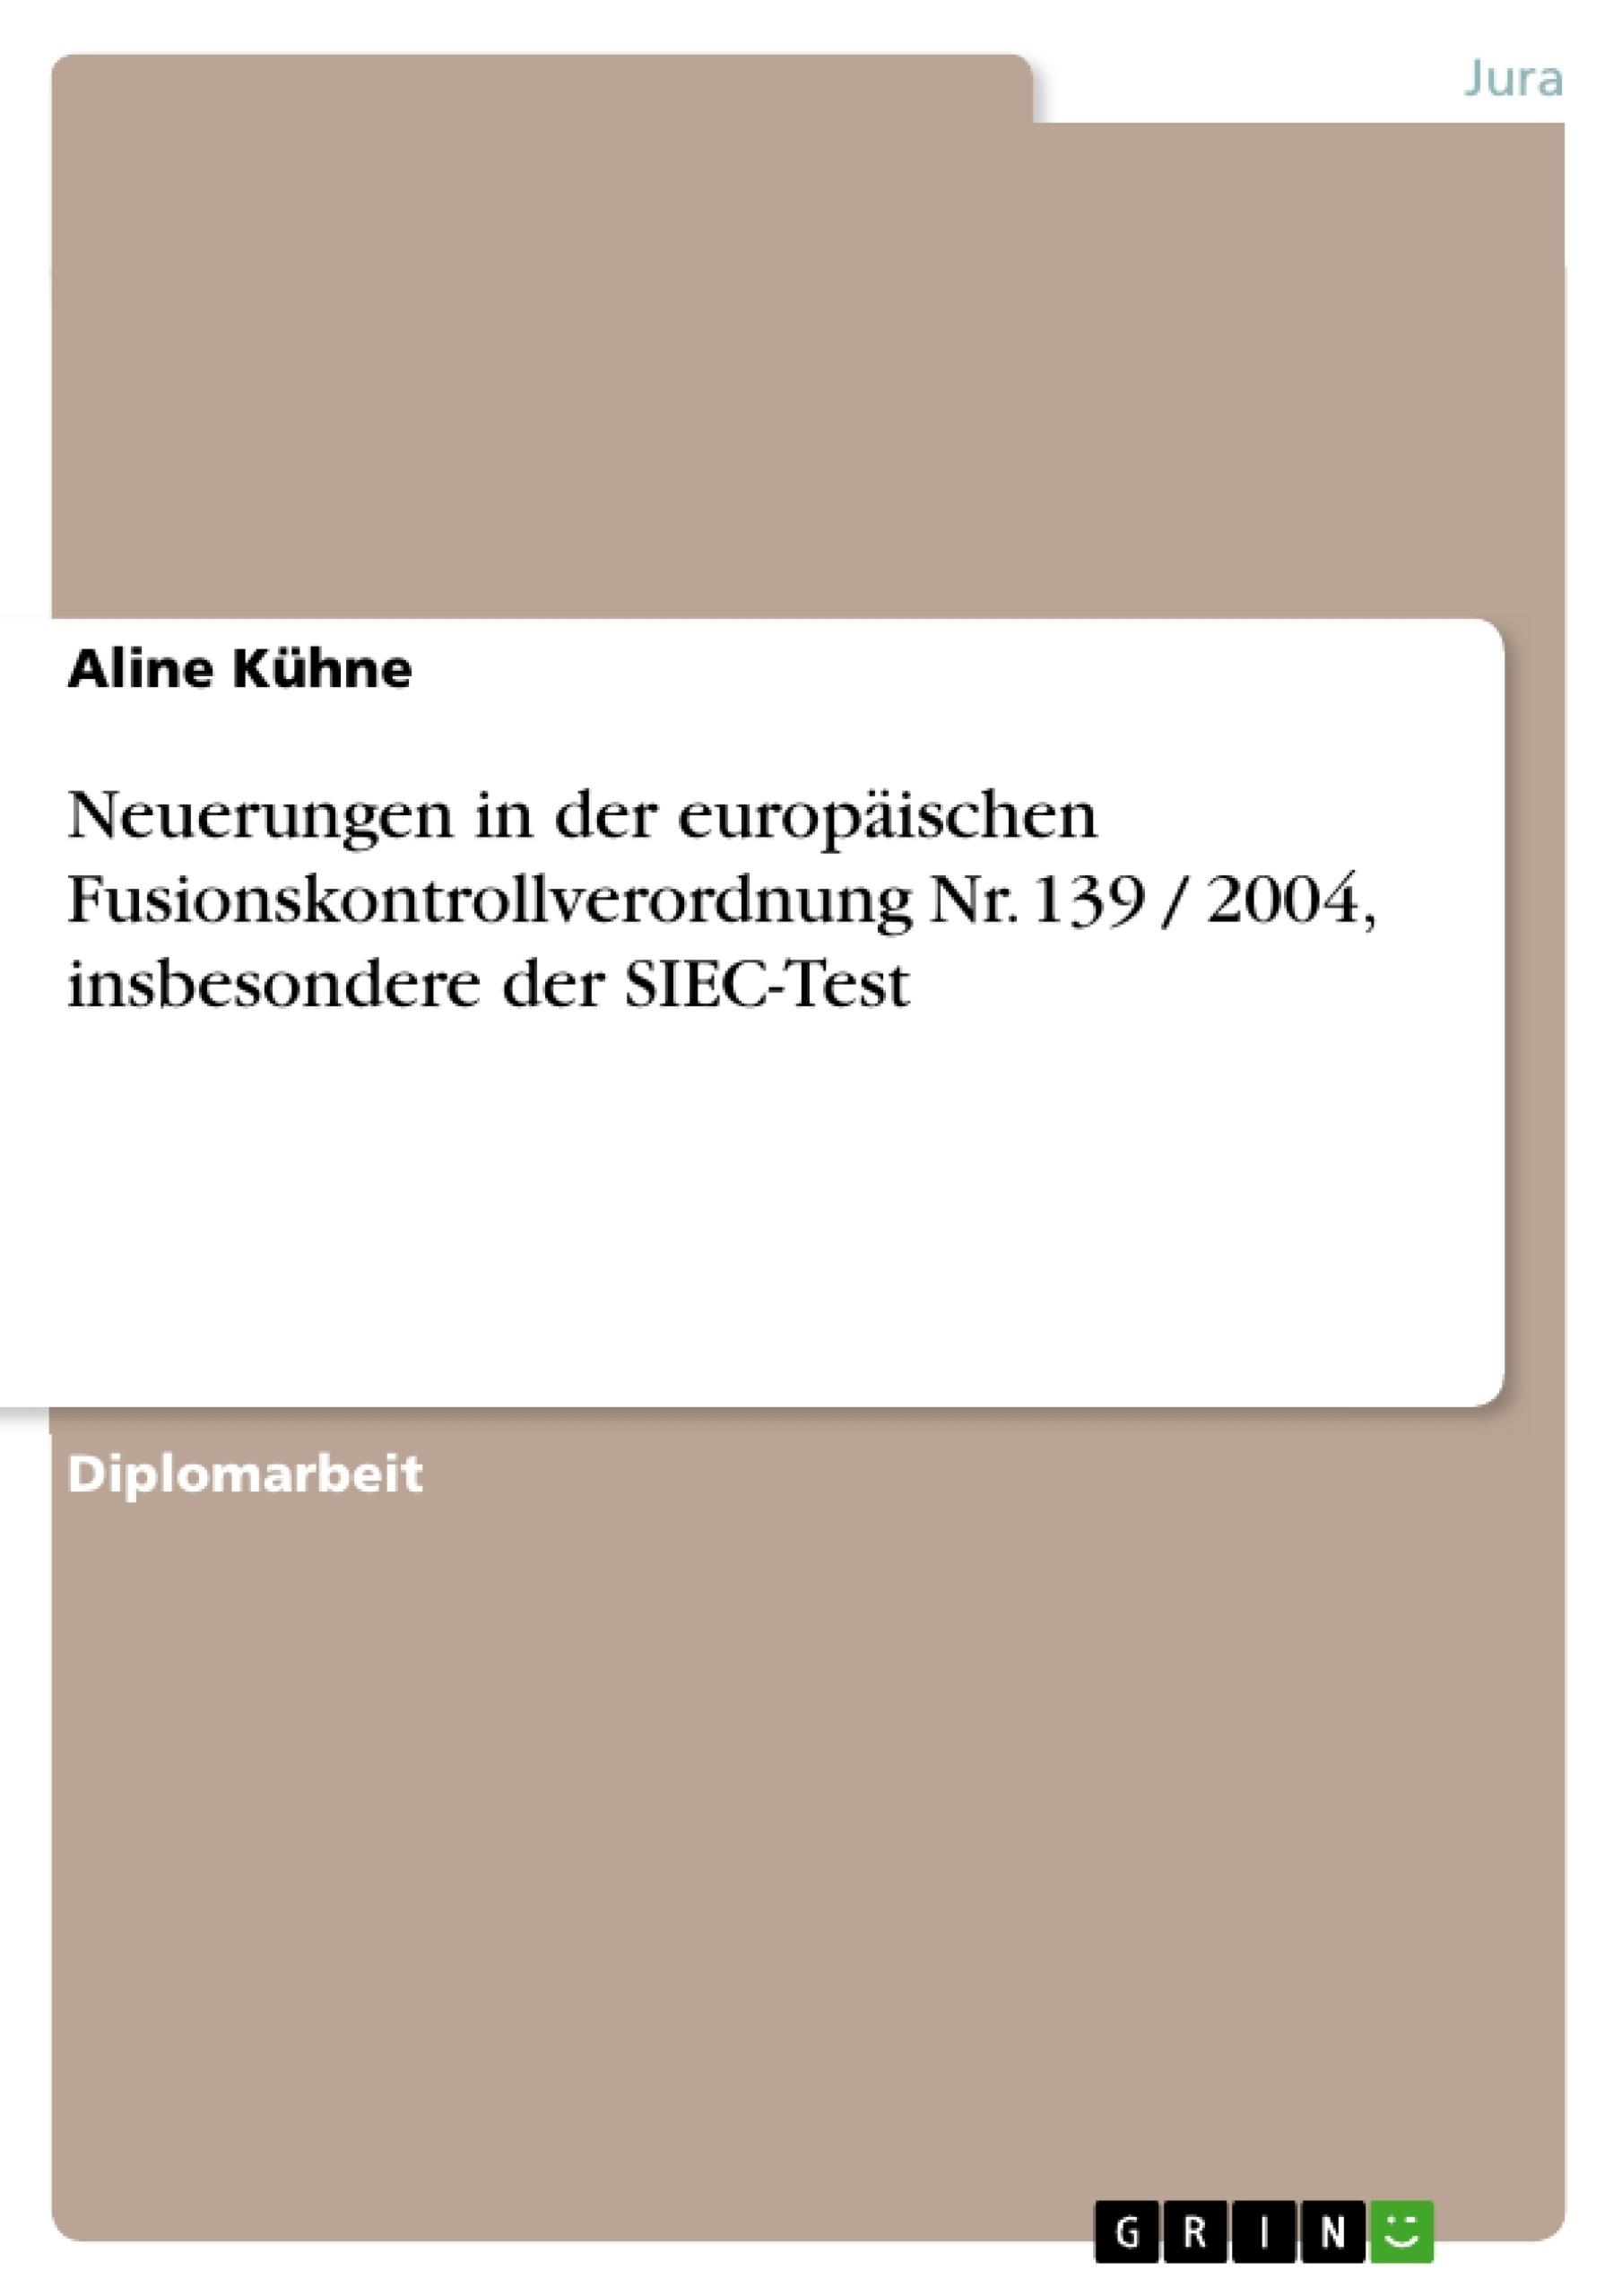 Titel: Neuerungen in der europäischen Fusionskontrollverordnung Nr. 139 / 2004, insbesondere der SIEC-Test